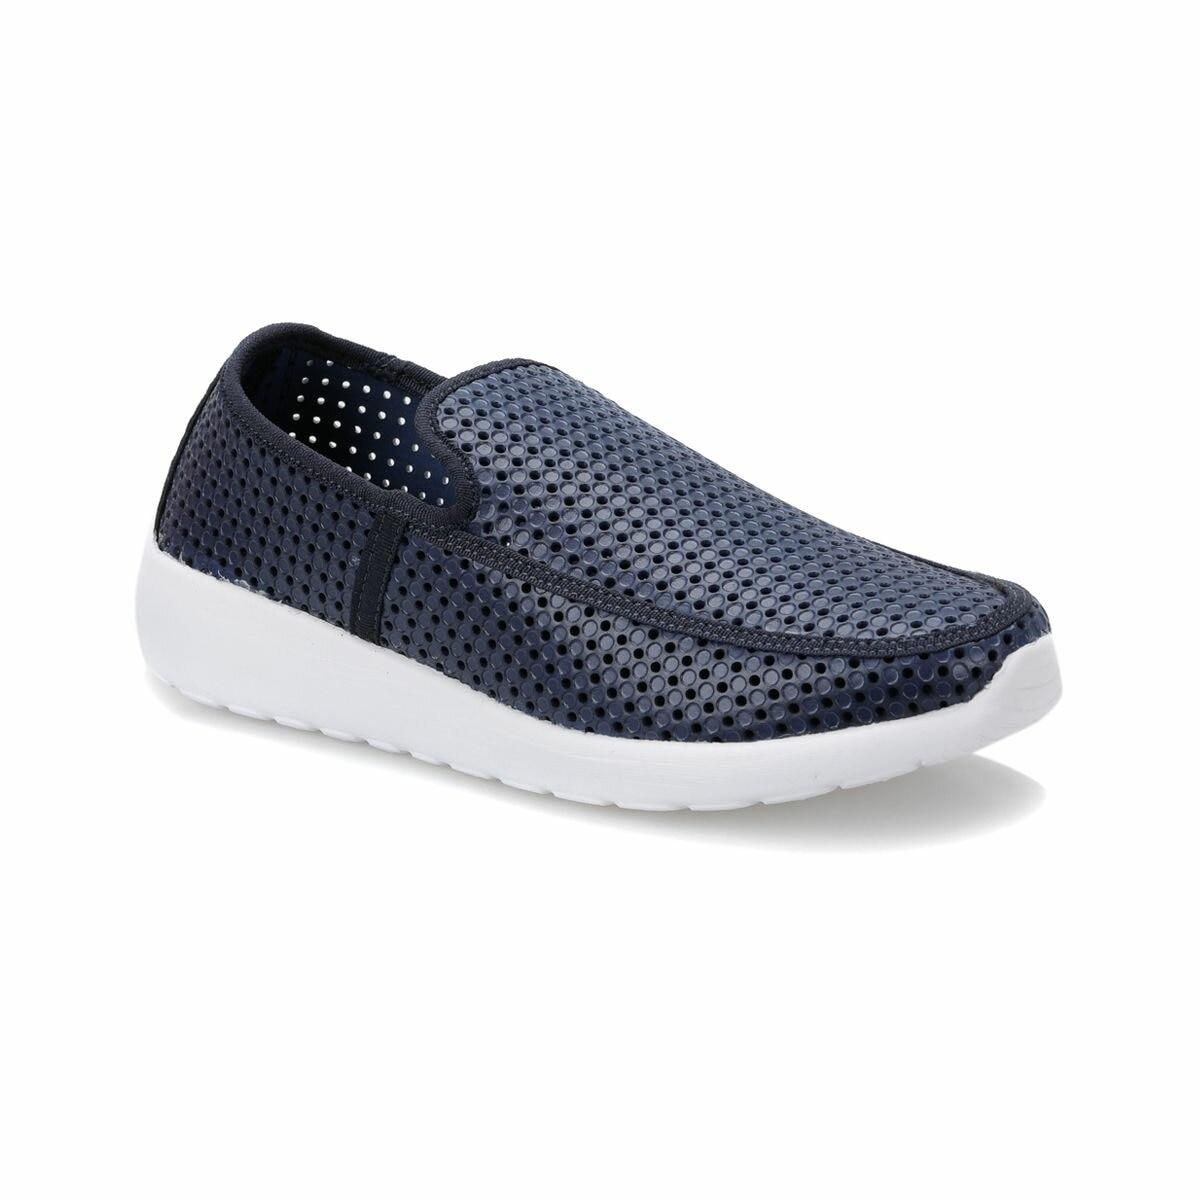 FLO GIAN-40 Navy Blue Men 'S Modern Shoes Flexall